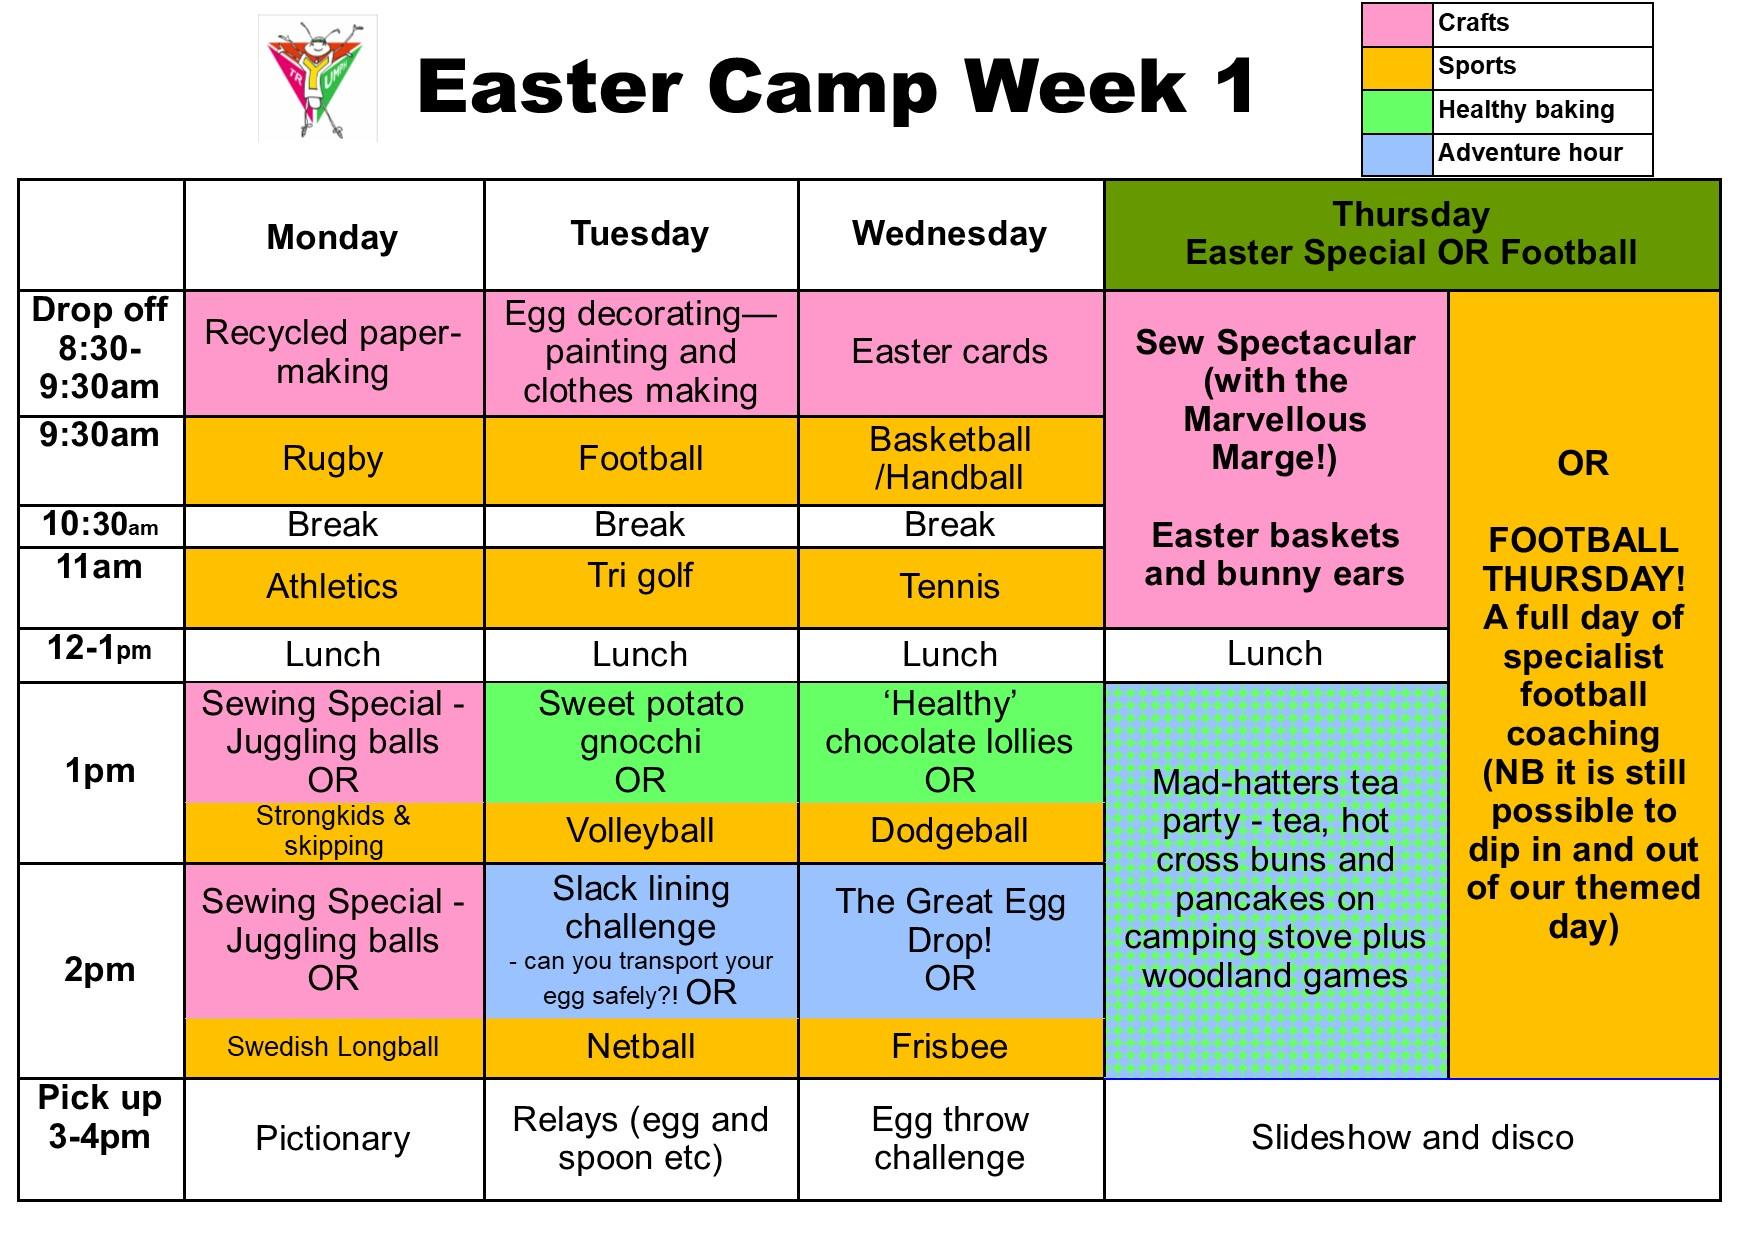 Easter camp schedule week 1